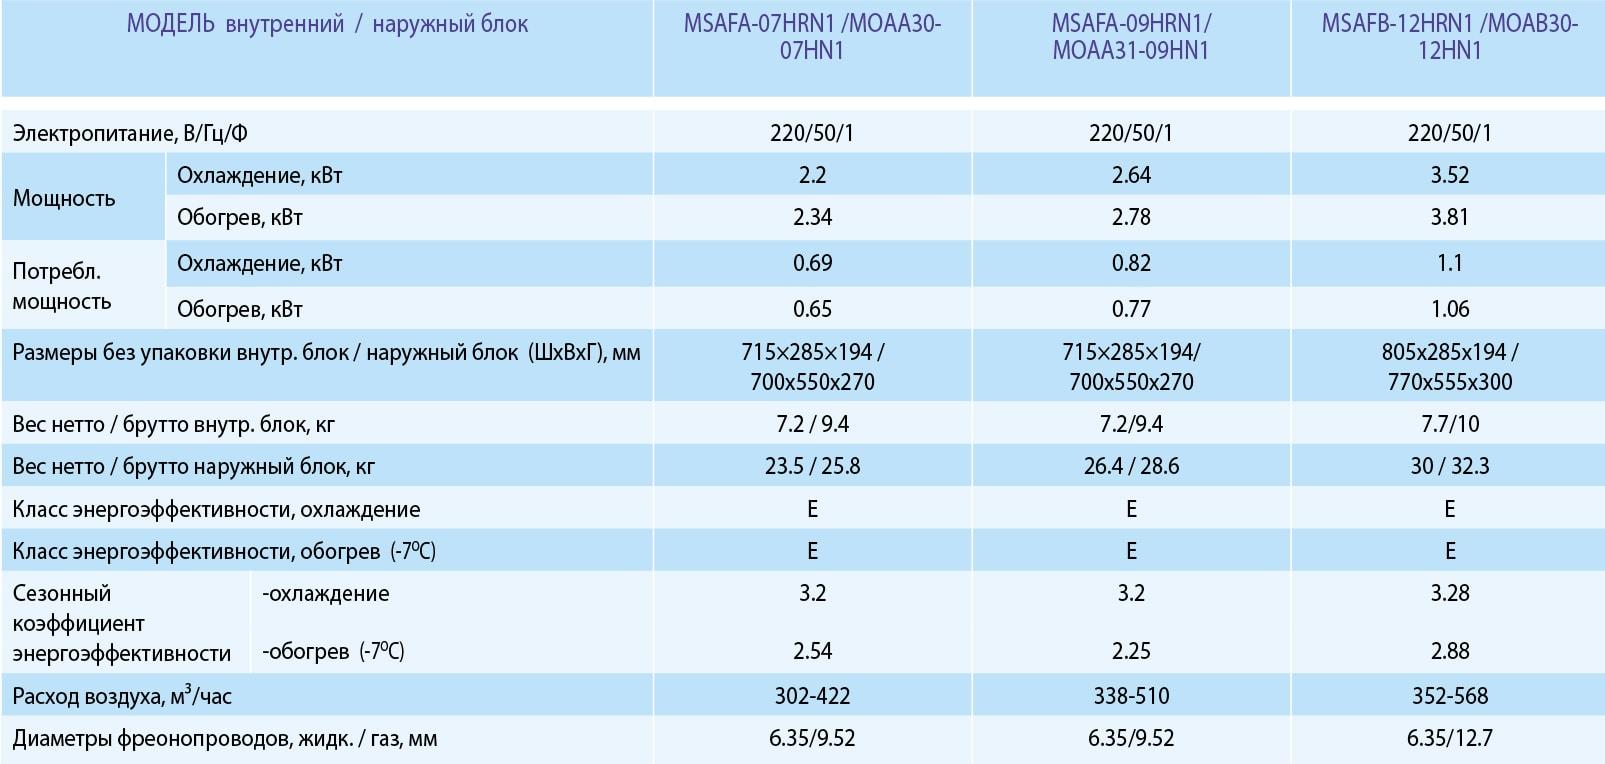 Технические характеристики кондиционера Midea MSAFA-07HRN1 серии Forest